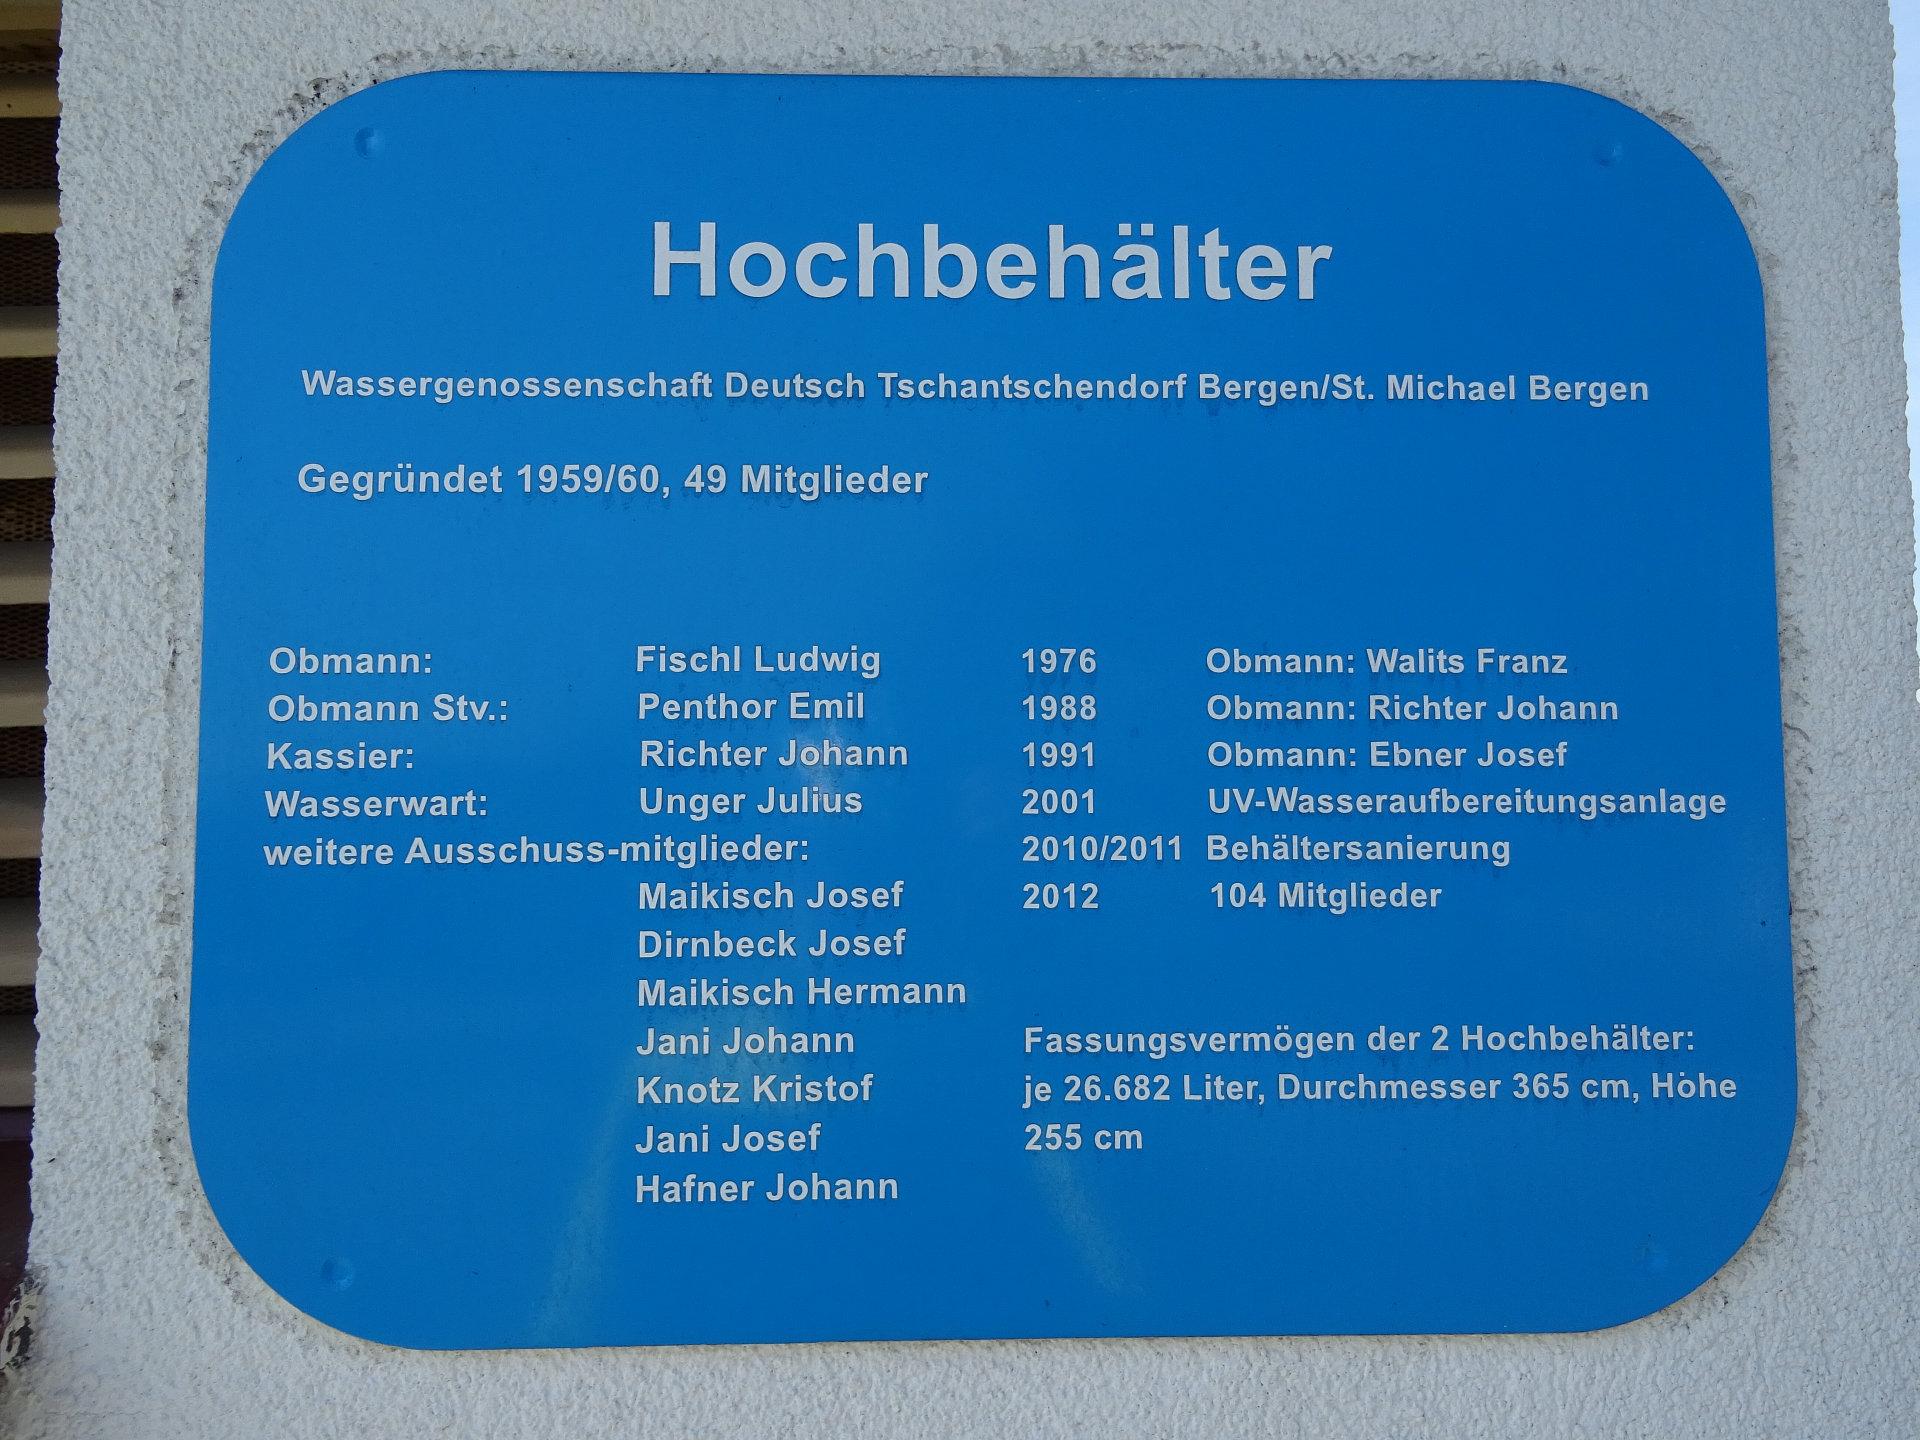 Beste Spielothek in Deutsch Tschantschendorf finden